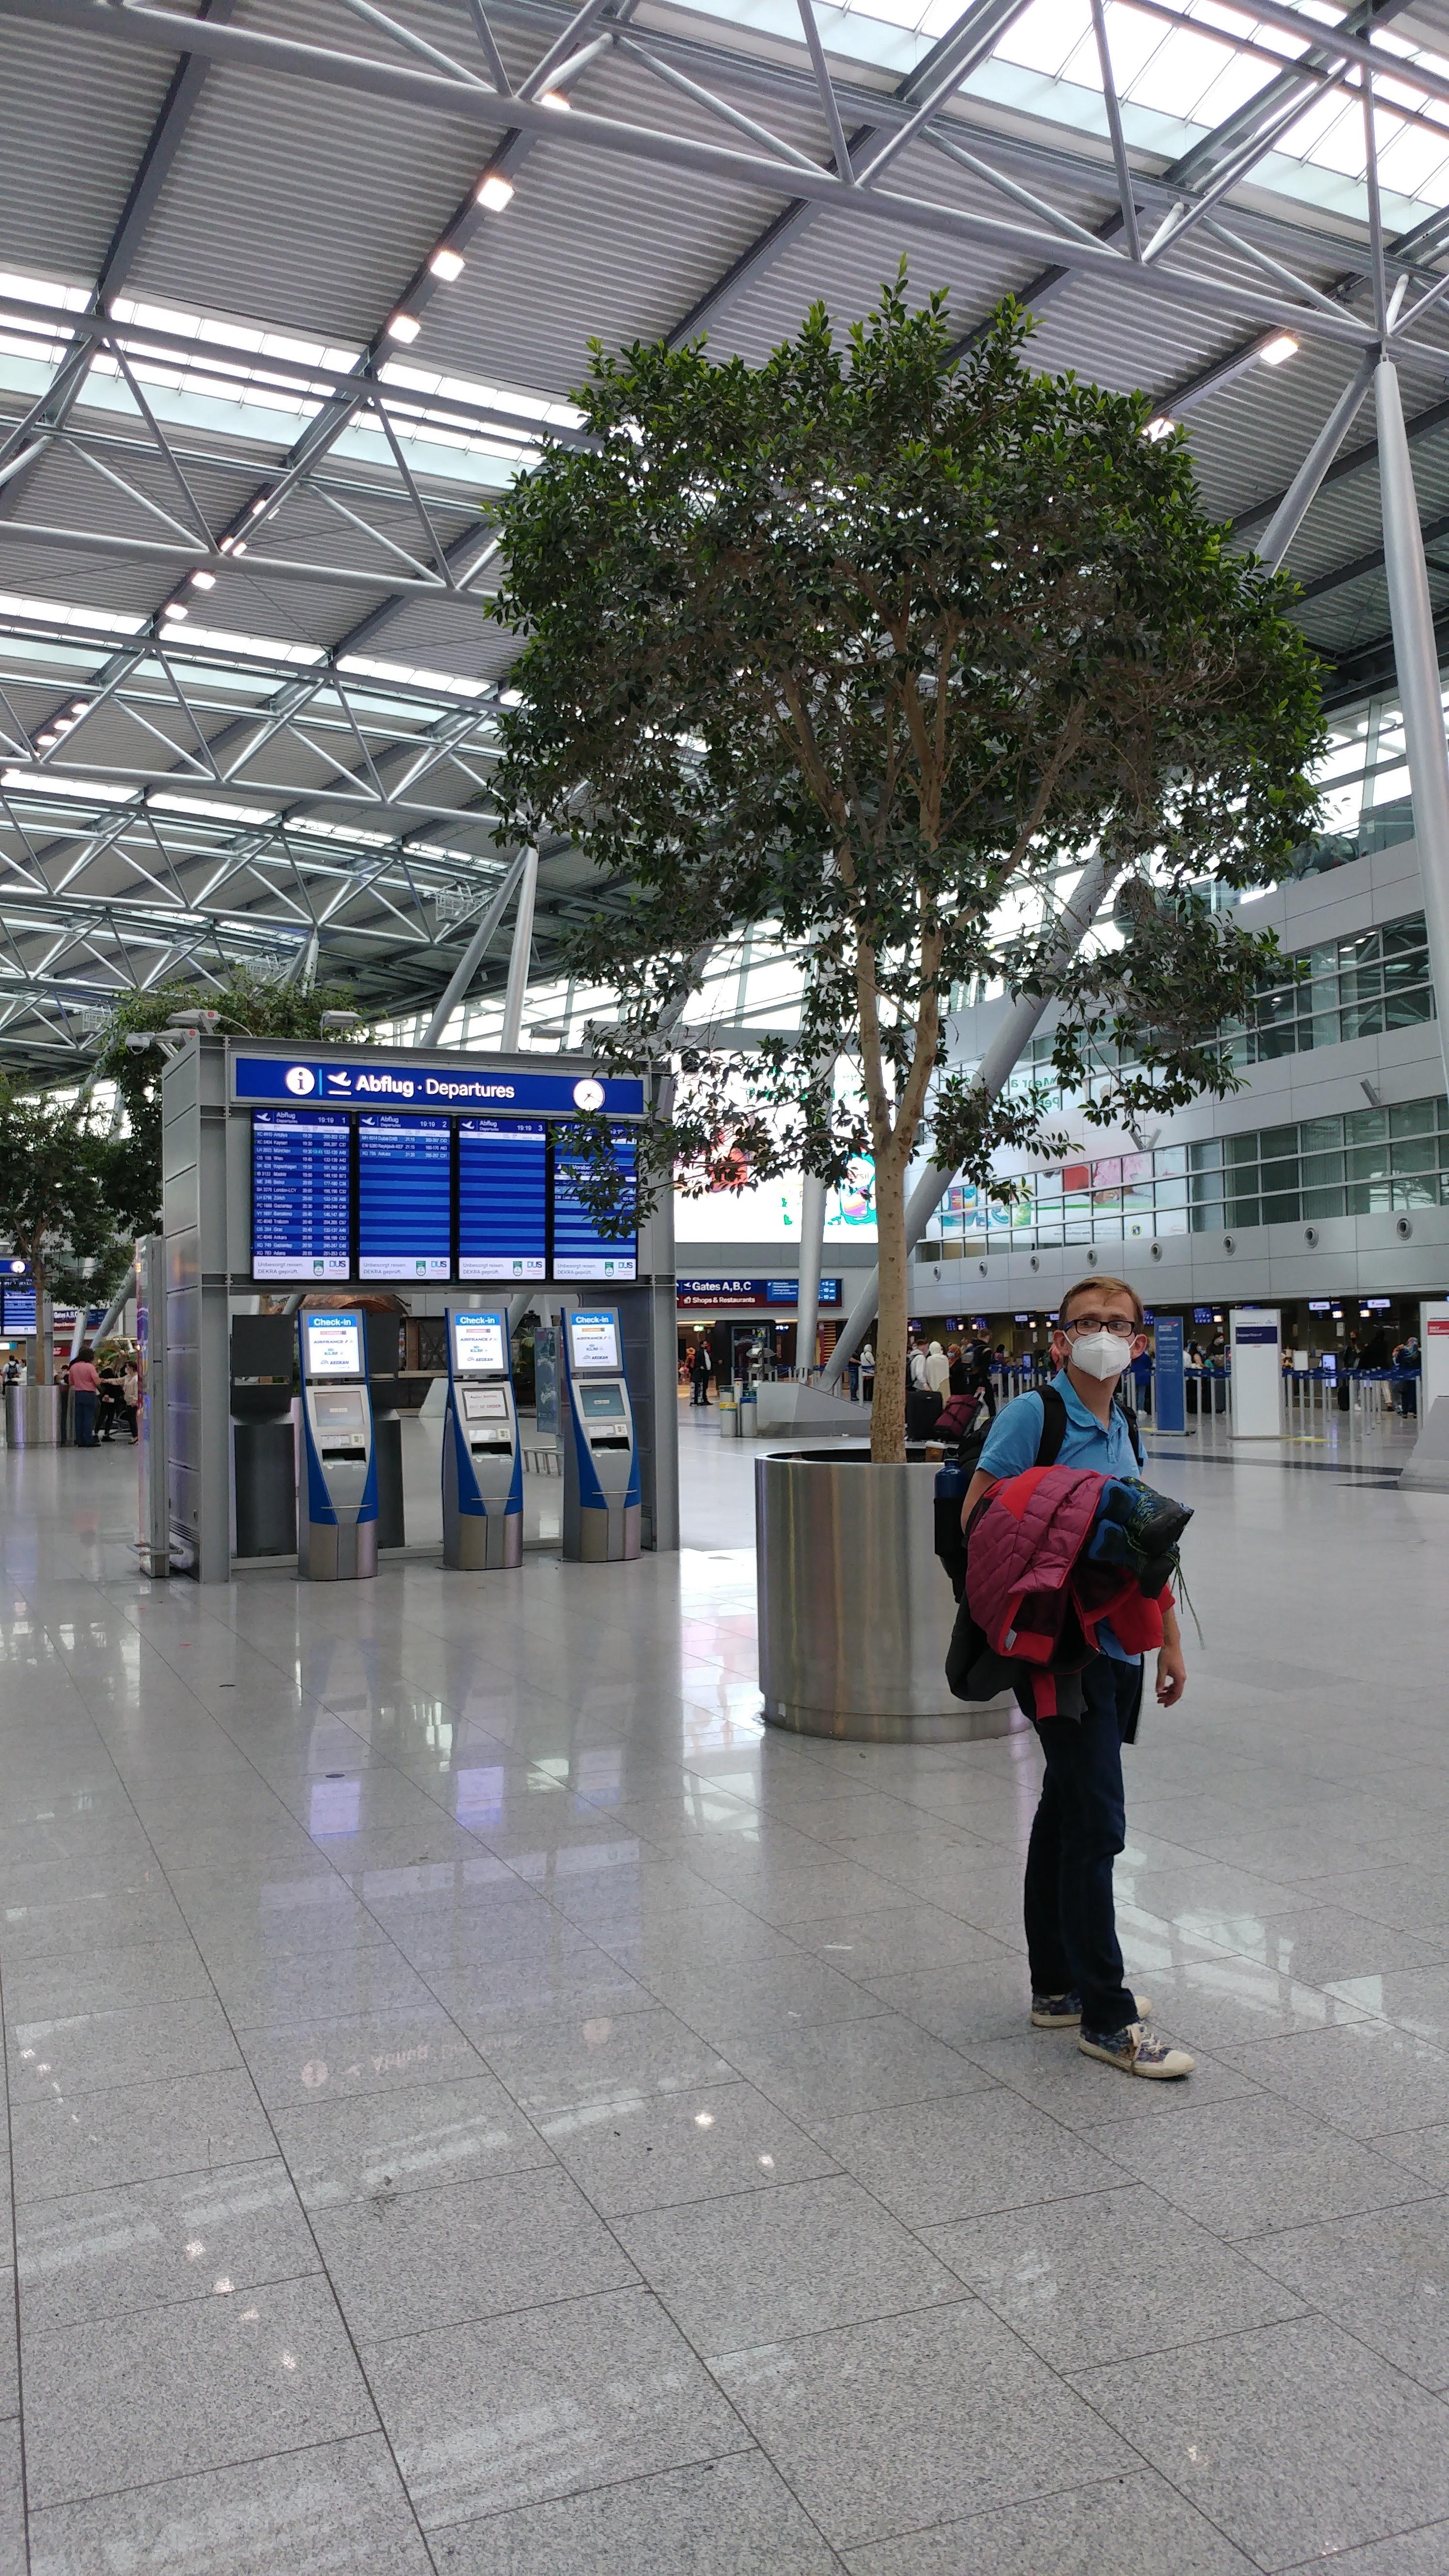 Flughafen Düsseldorf im Juli 2021